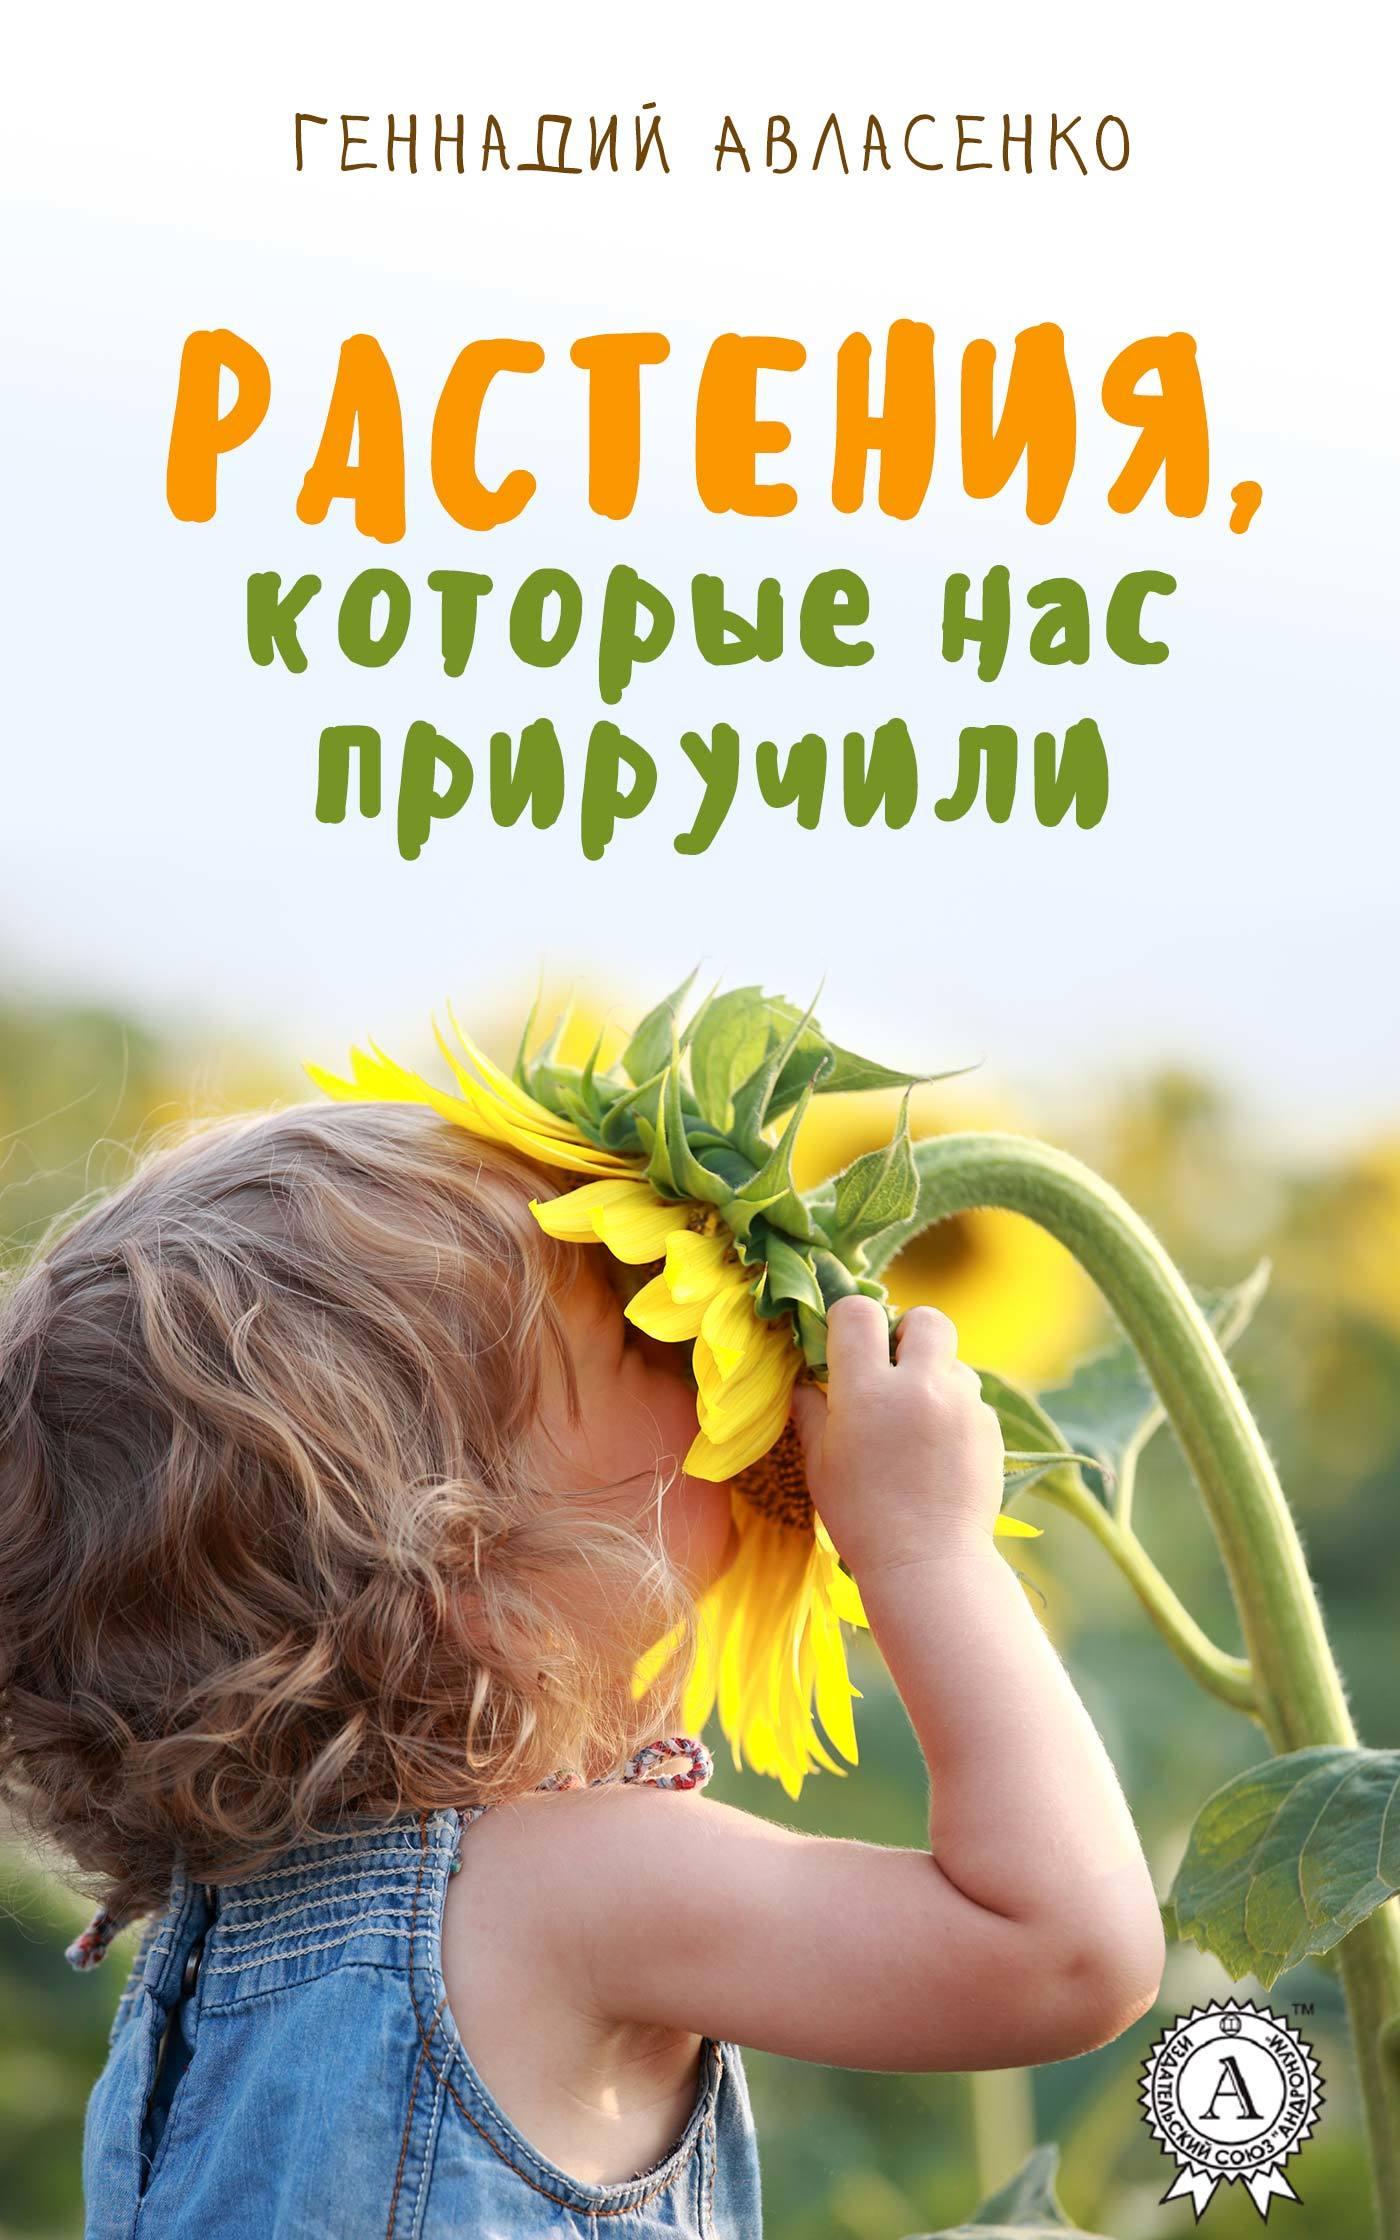 Фото - Геннадий Авласенко Растения, которые нас приручили геннадий авласенко птичьи разговоры